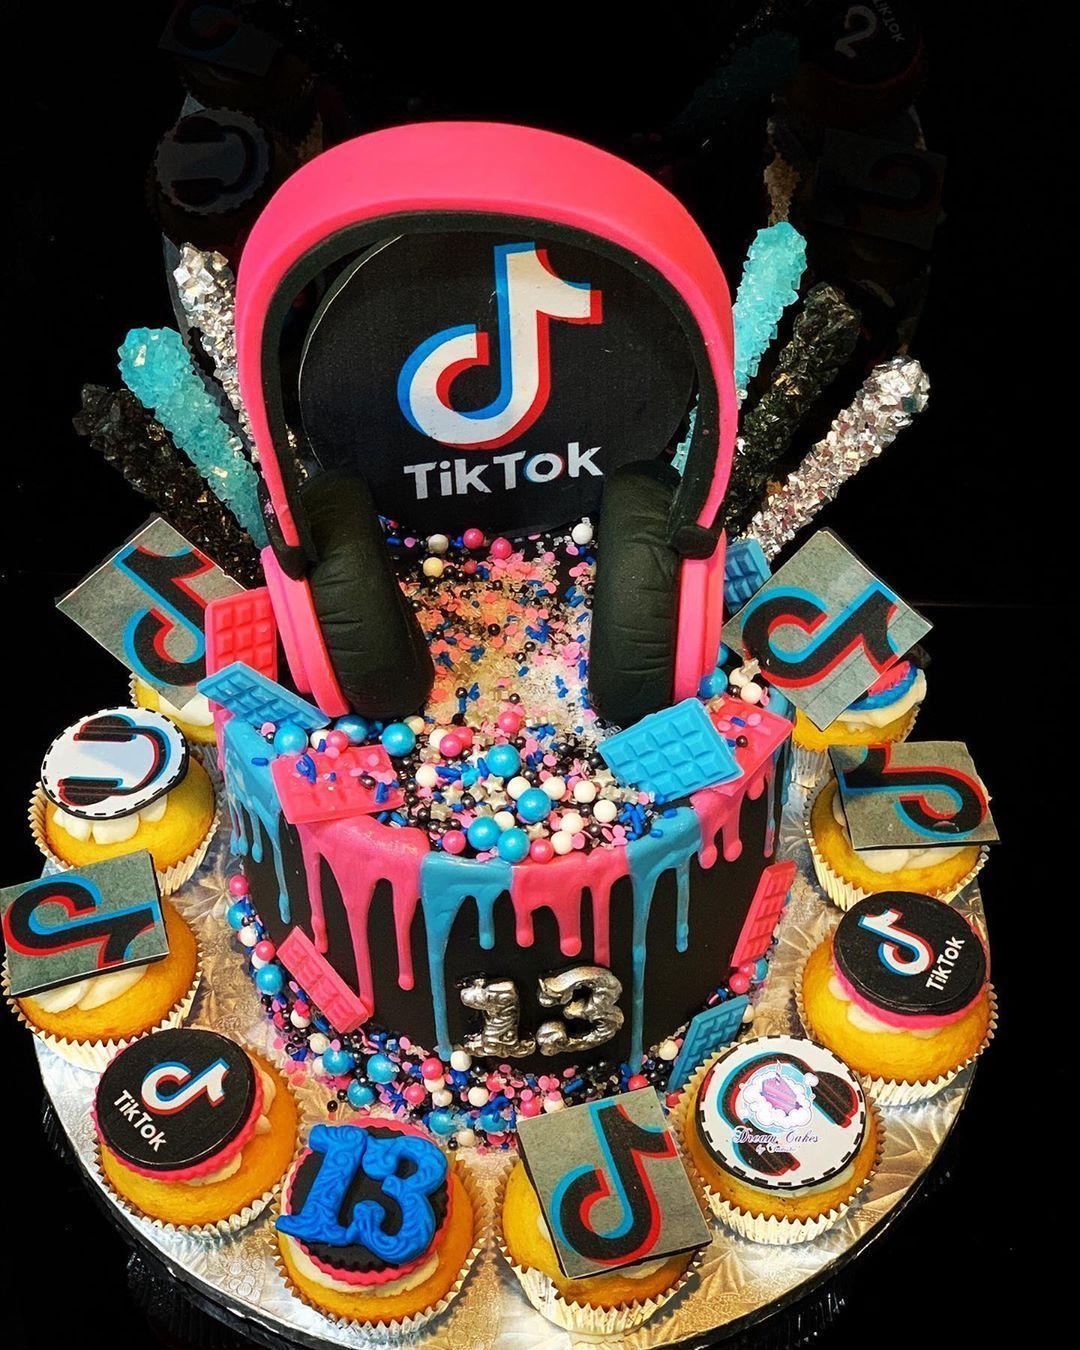 Pastel tik tok cute birthday cakes unicorn birthday